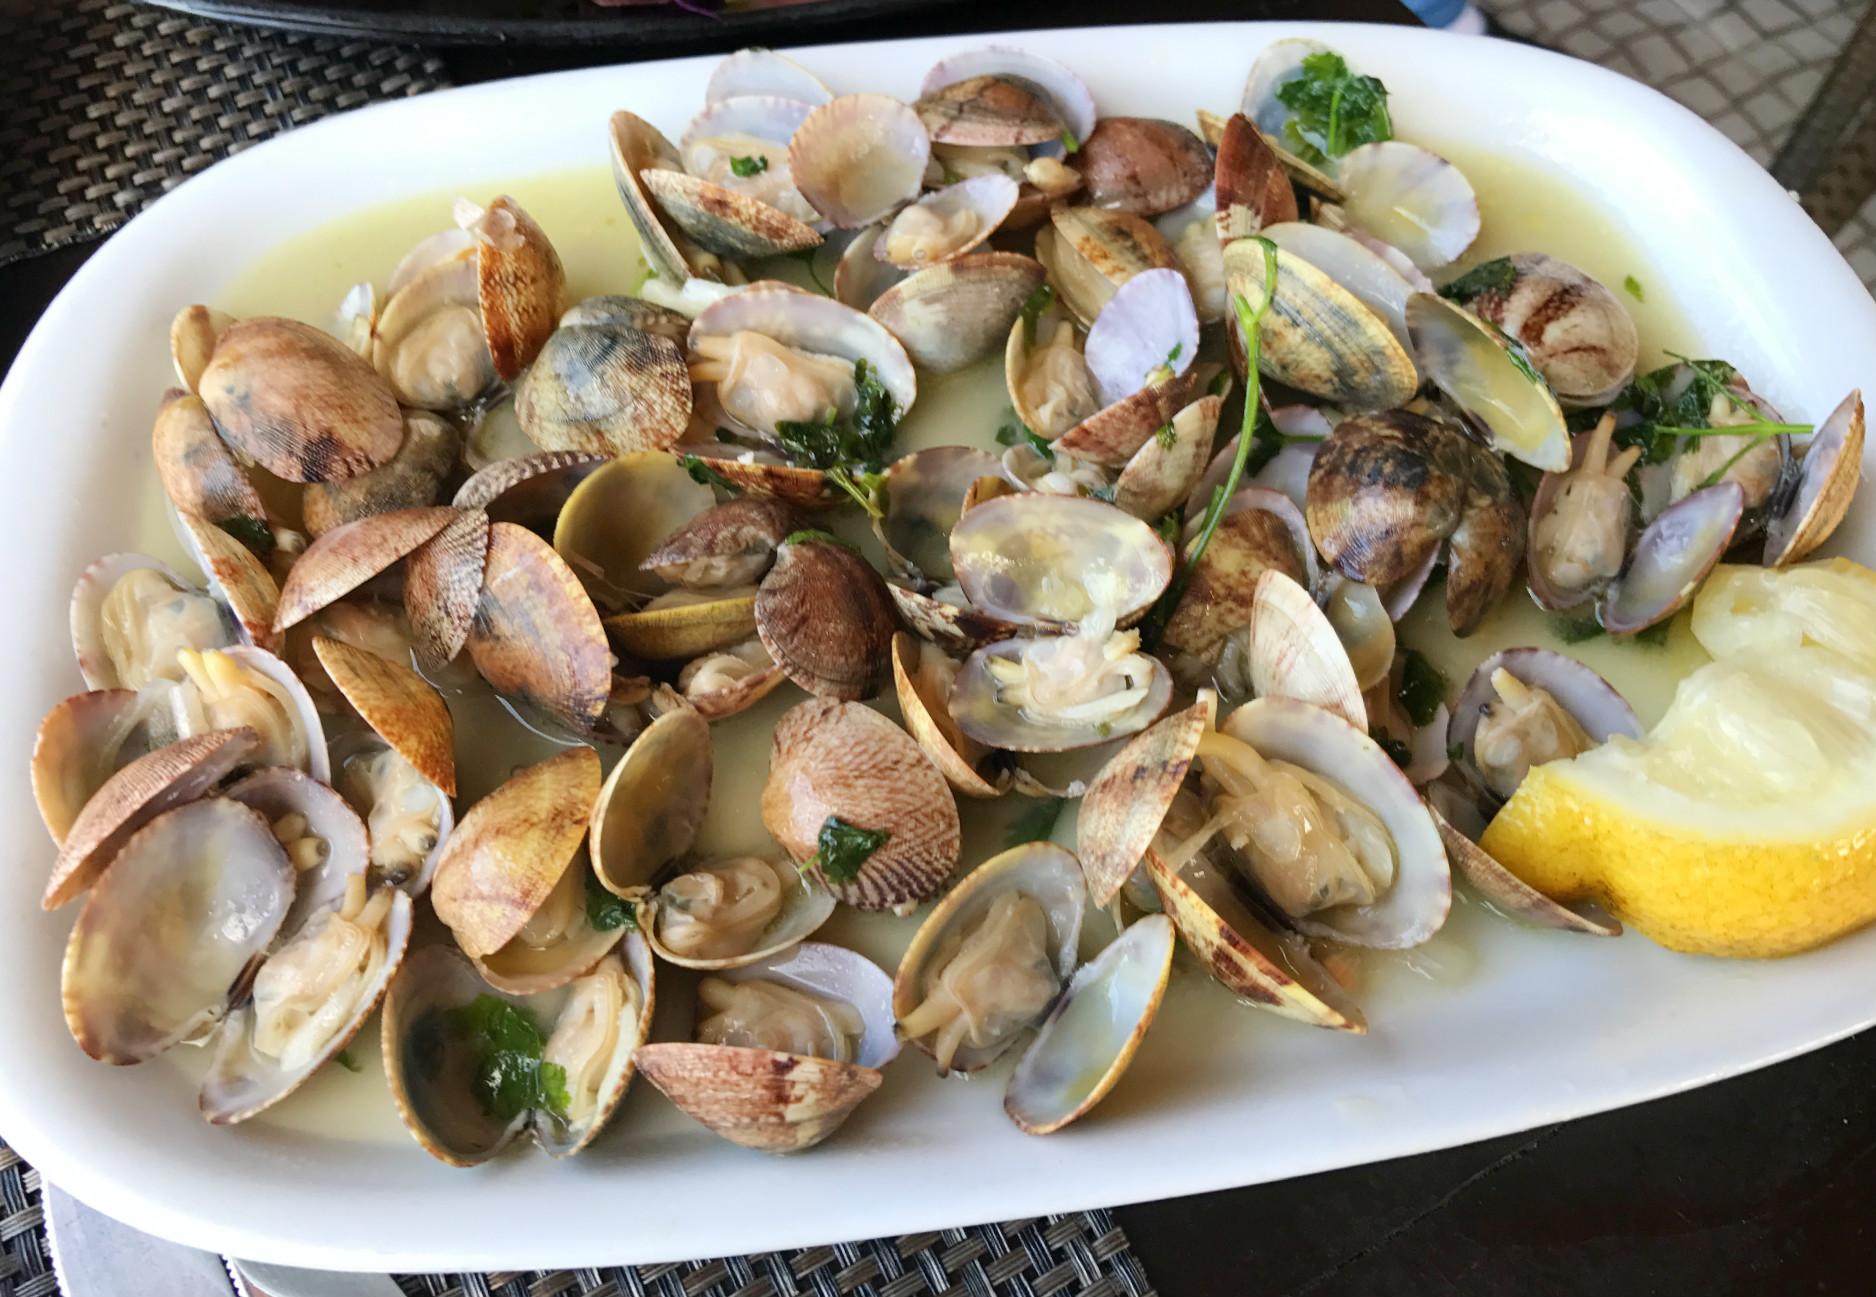 Muscheln, Fisch, Garnelen. Das schmeckt in Portugal natürlich alles herrlich!